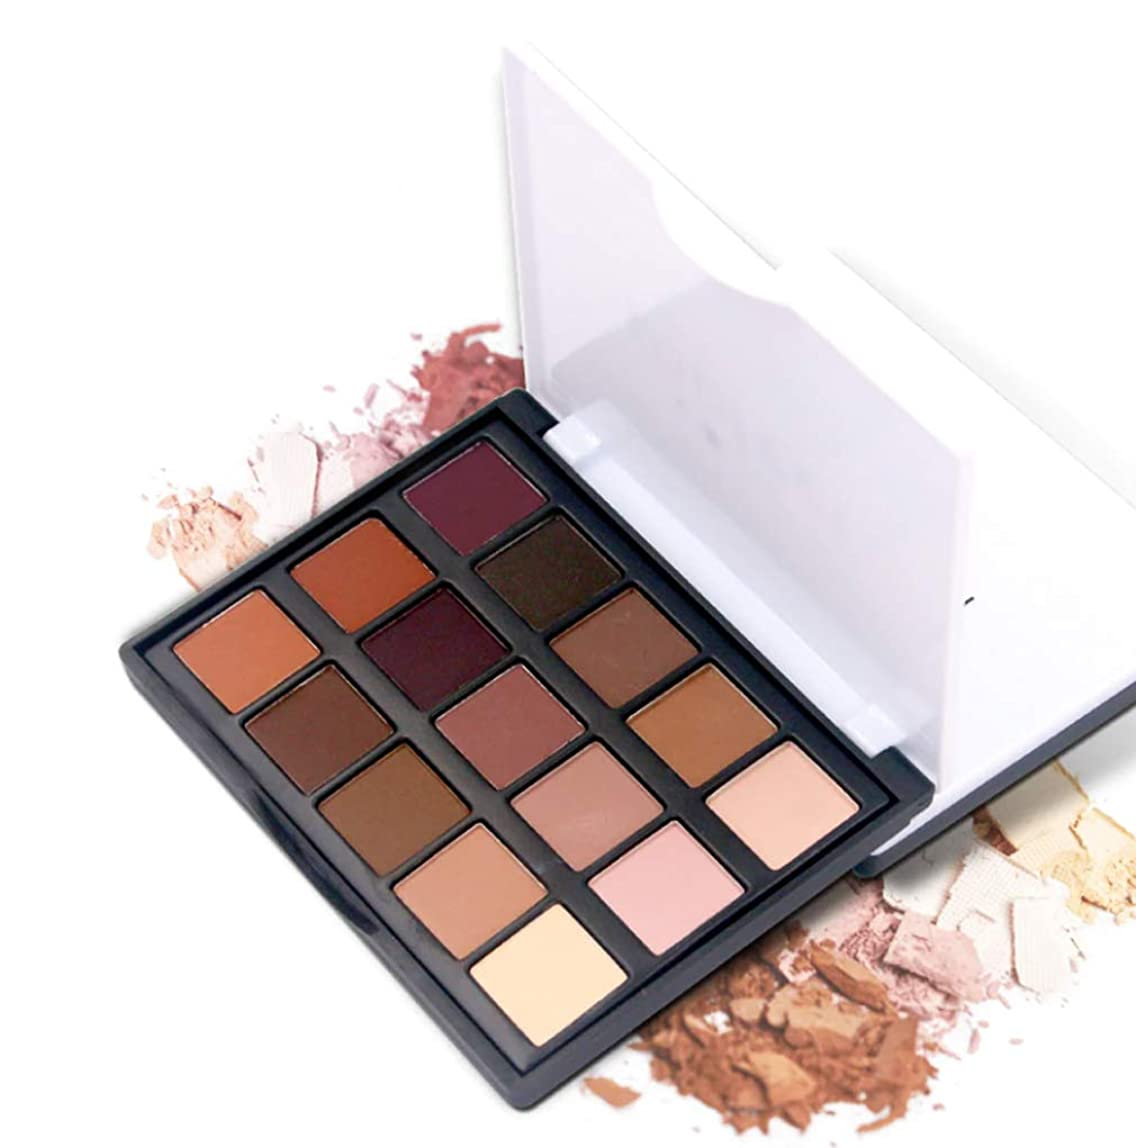 警告満了複製Eye Shadow luminous Glitter Natural 15 Color Easy to wear Shimmer Waterproof Matte Eyeshadow Palette Makeup